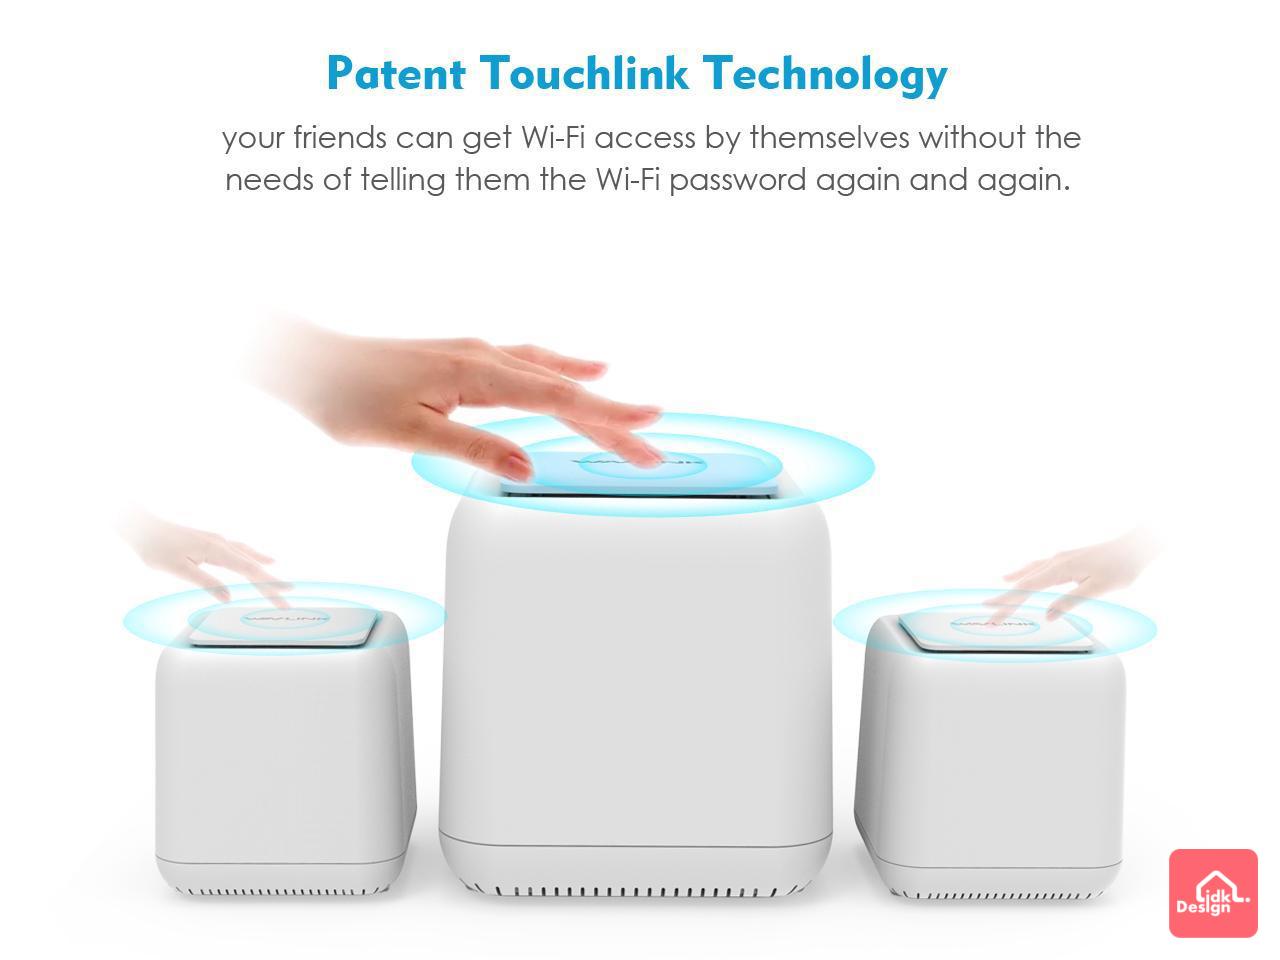 WAVLINK 獨家研發TouchLink專利技術「一拍即連」